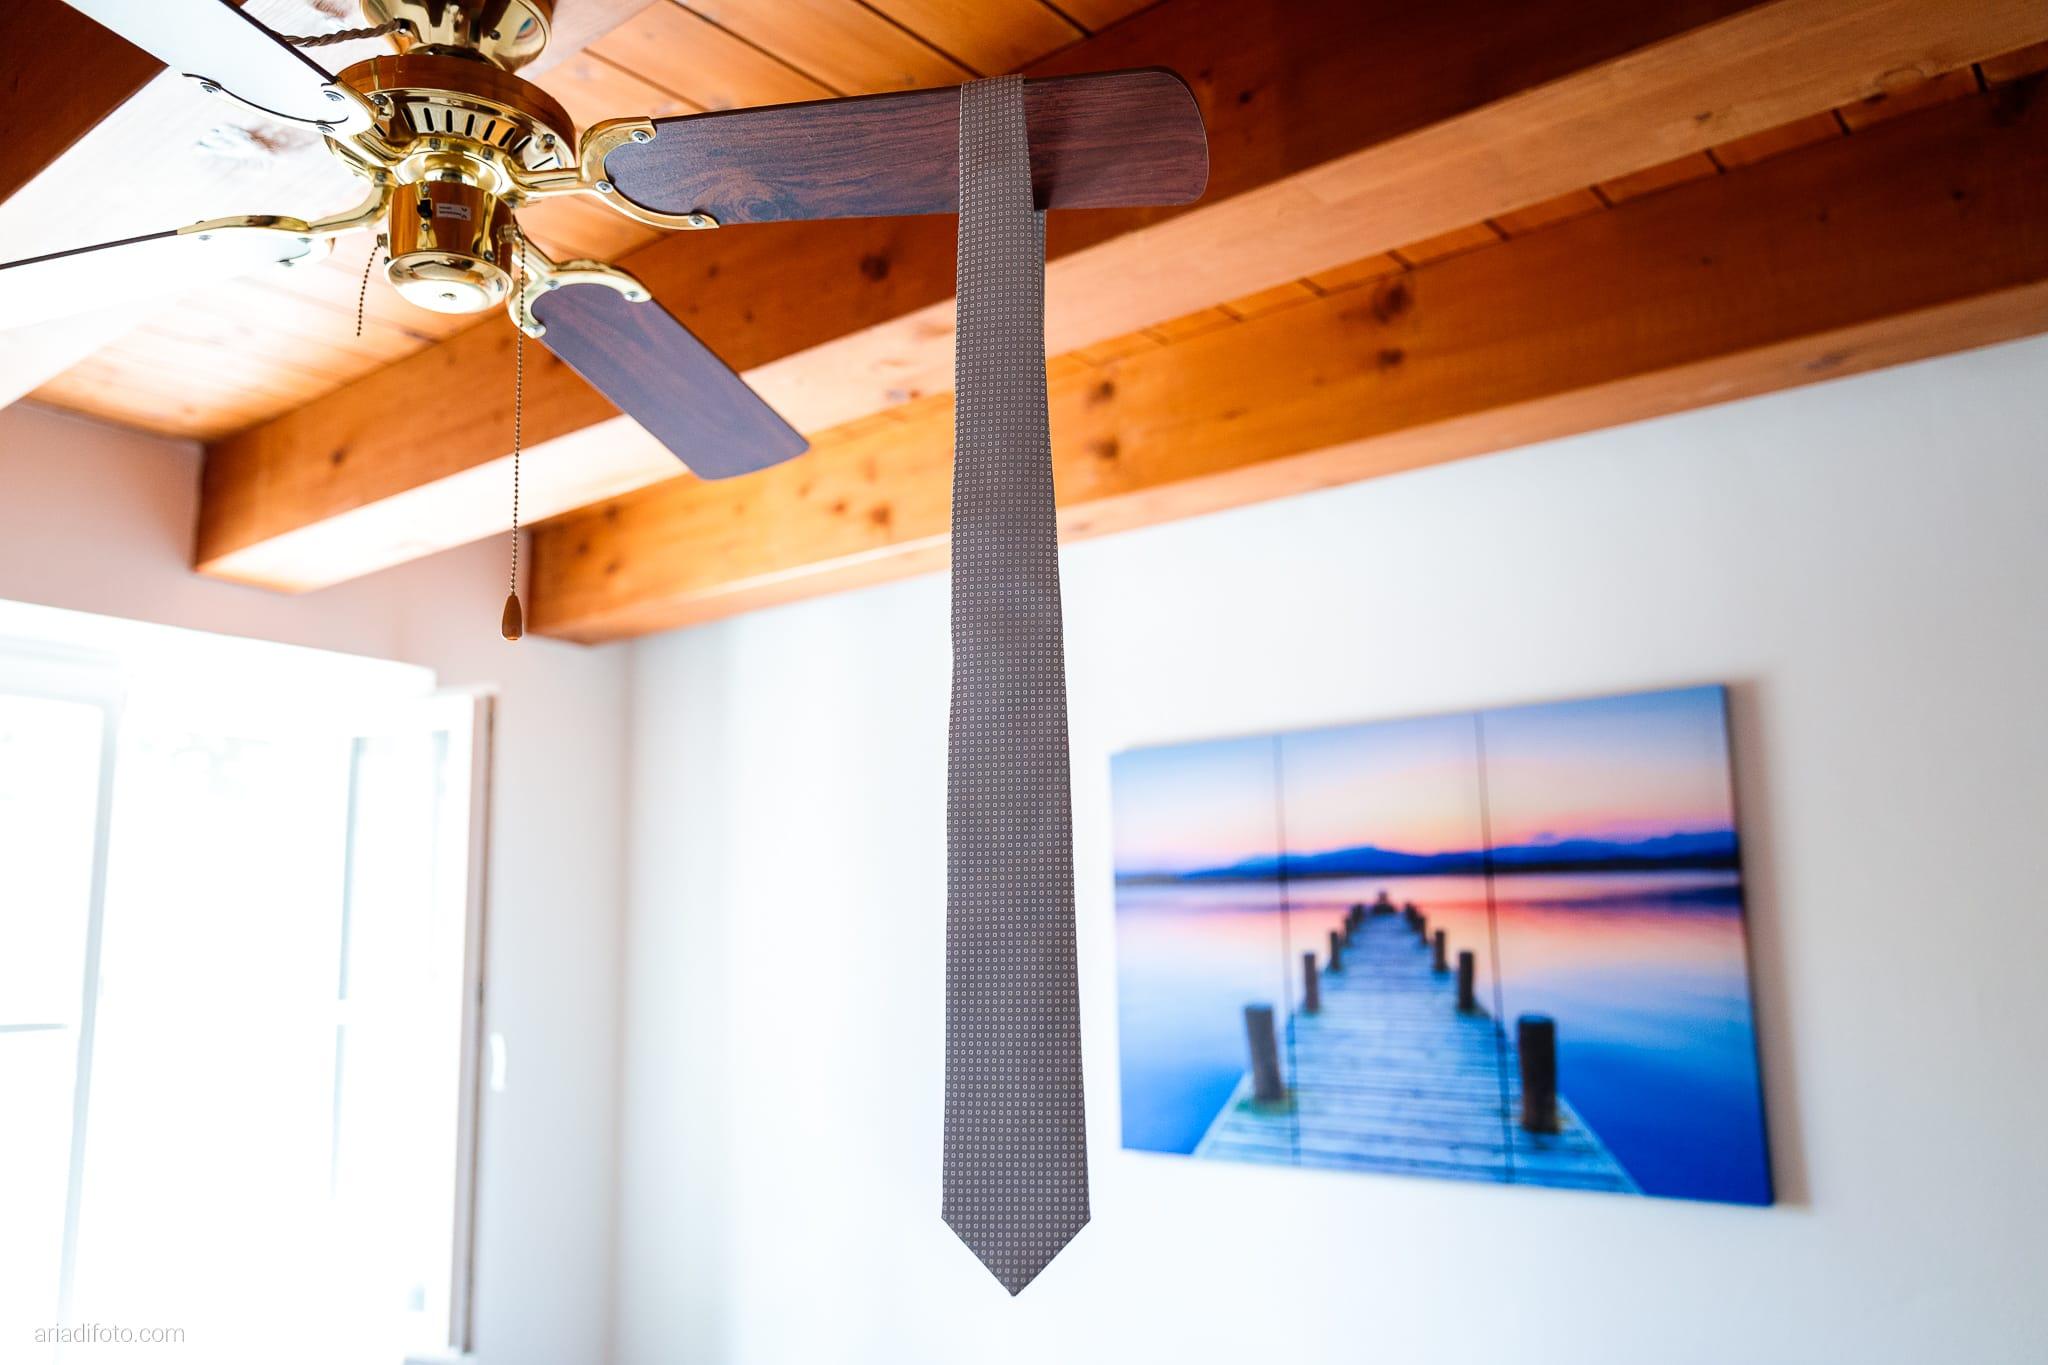 Anna Paolo Matrimonio Santa Maria Maggiore Hotel Riviera Trieste preparazione sposo dettagli cravatta